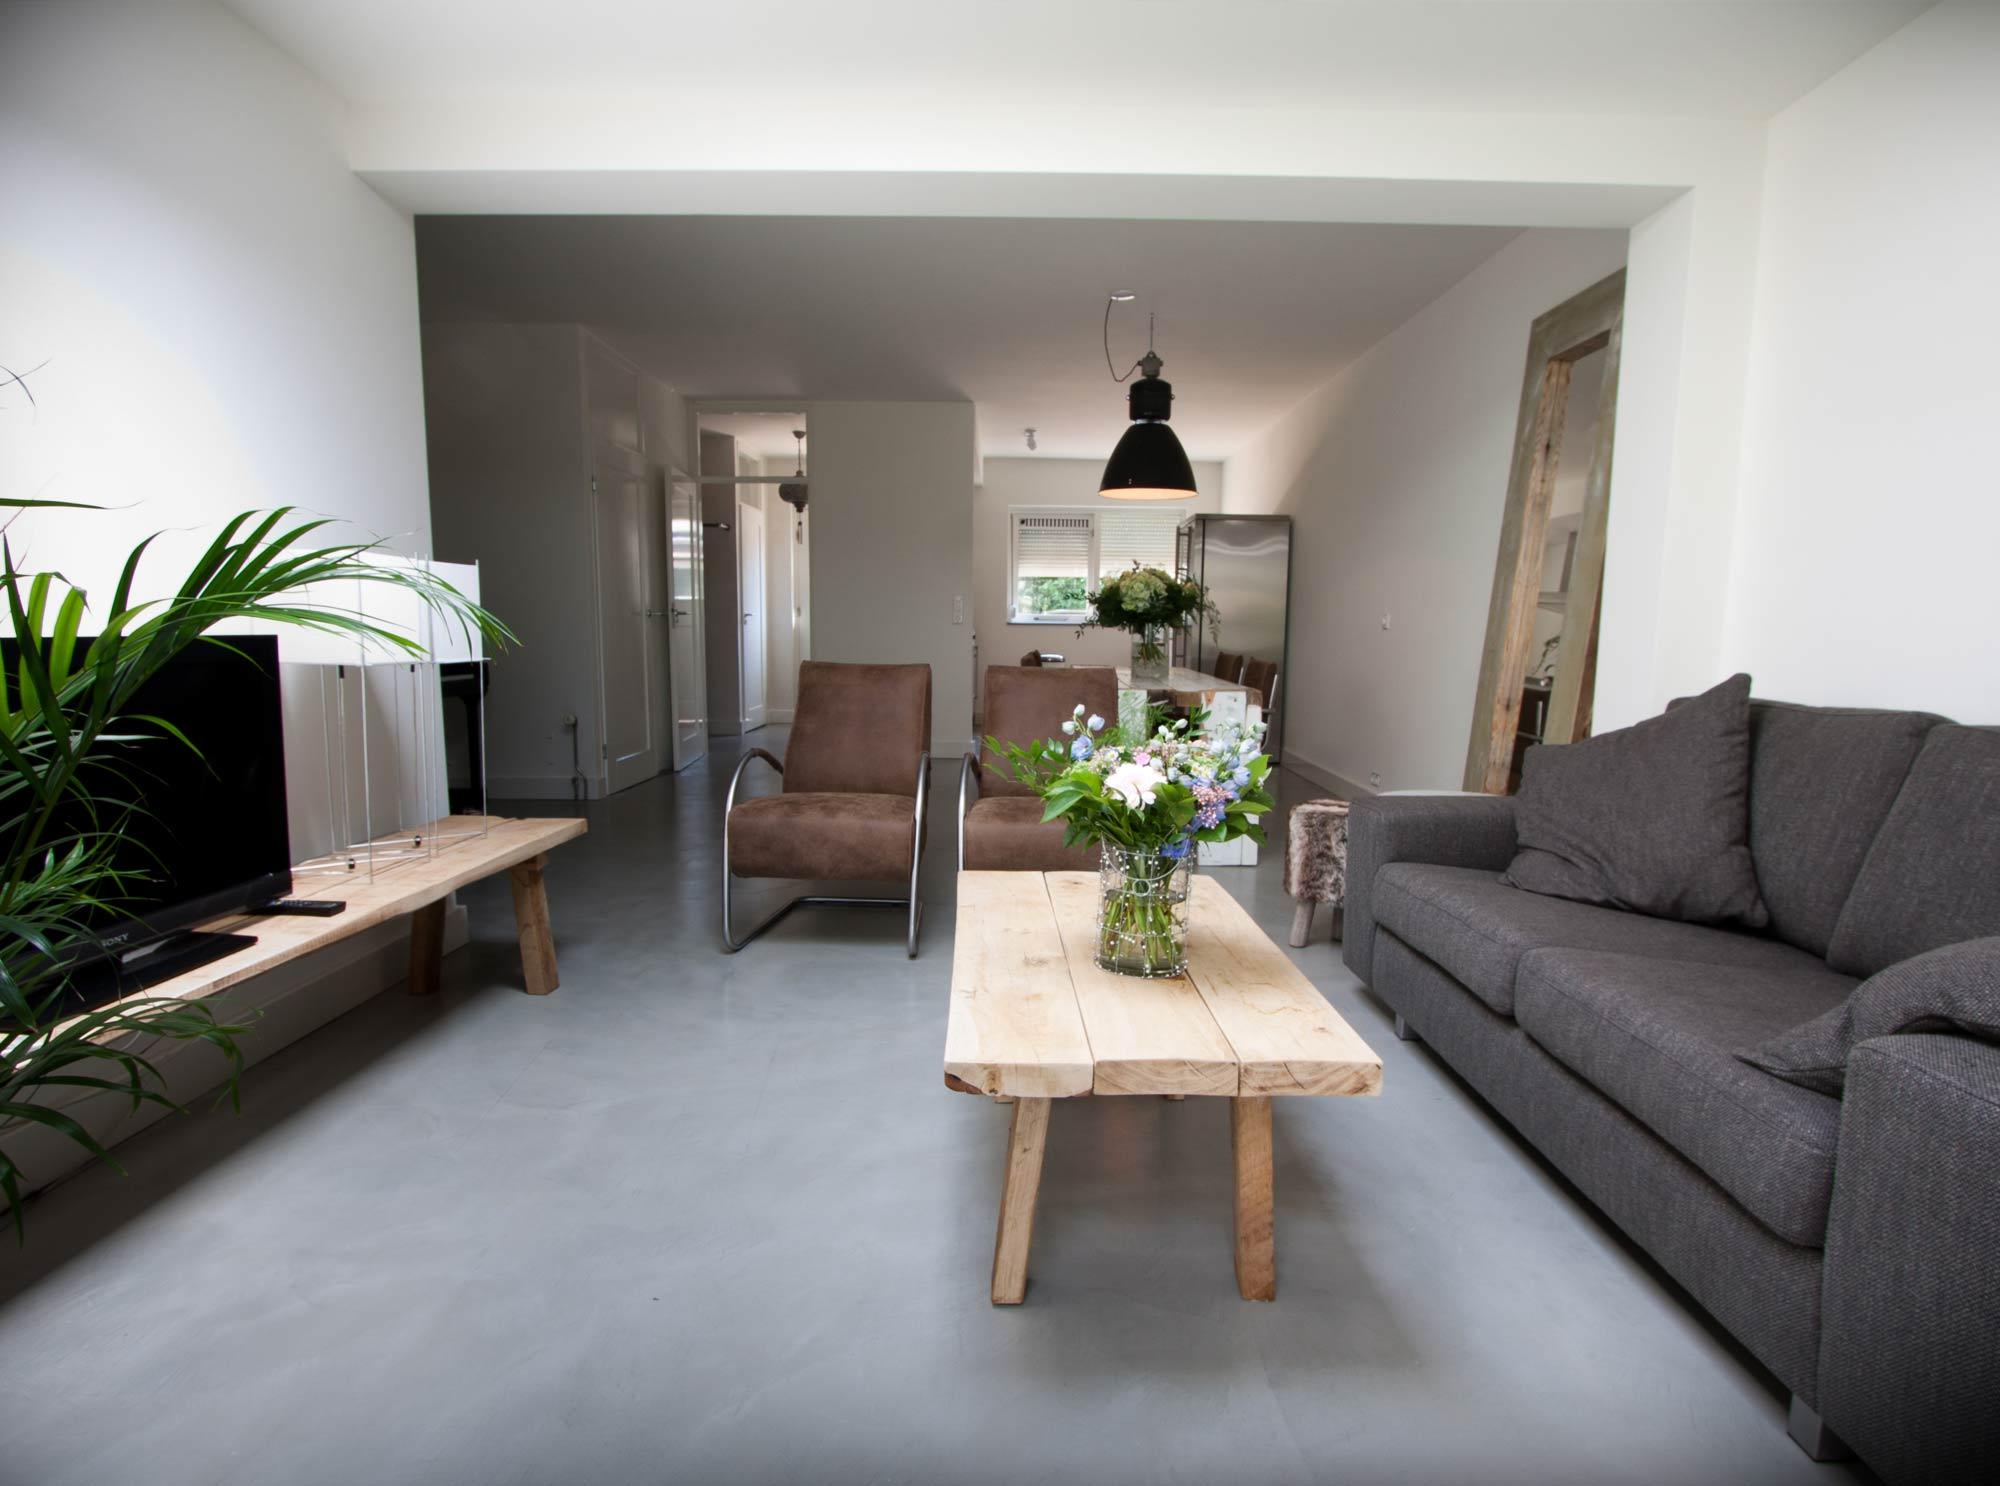 Woonkamer Met Beton : Beton cire vloer beton cire